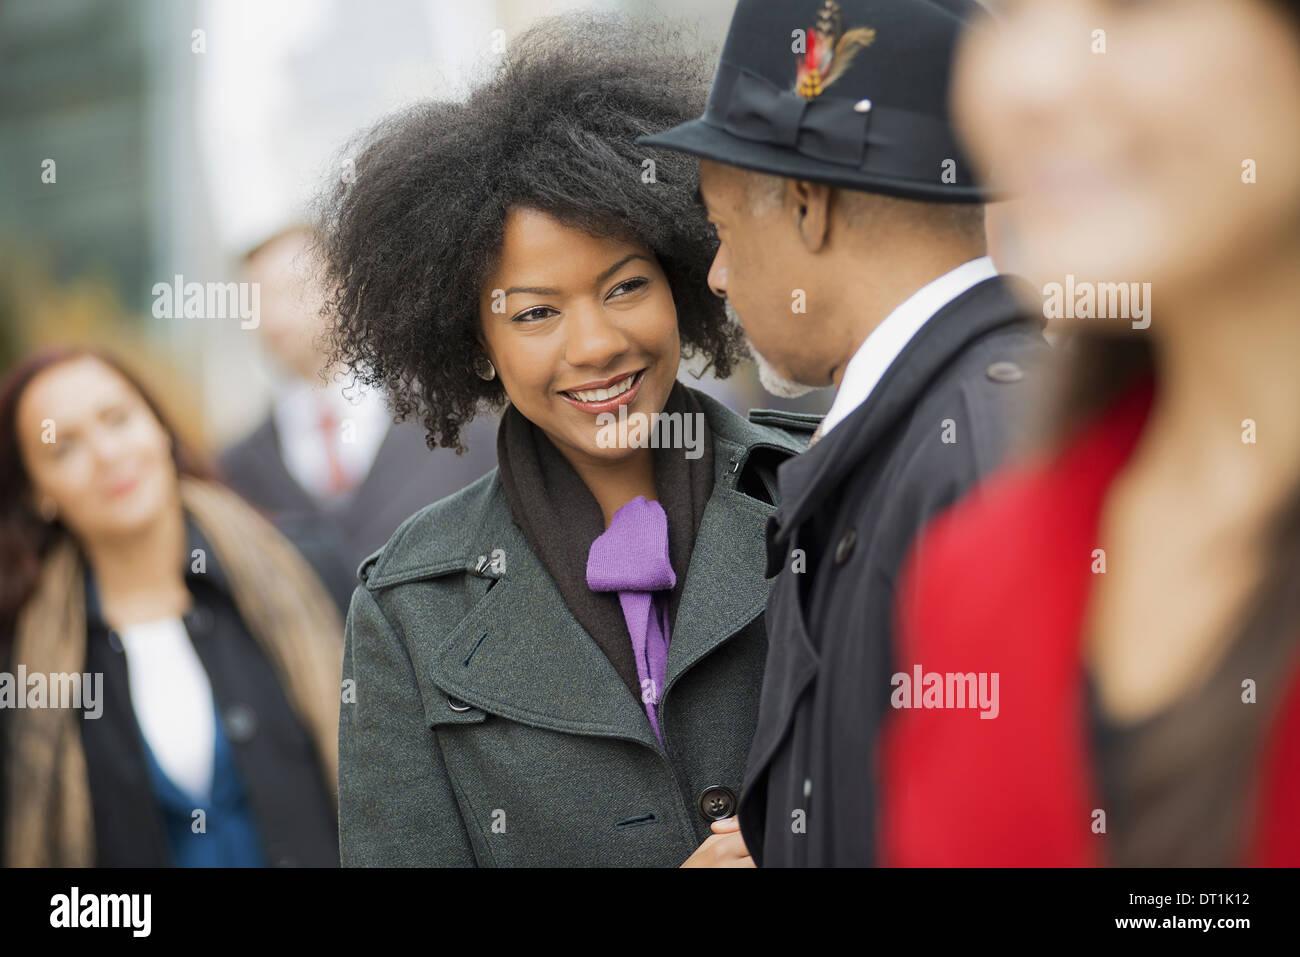 Un groupe de personnes sur l'aller dans la rue un homme et femme debout près l'un de l'autre Photo Stock